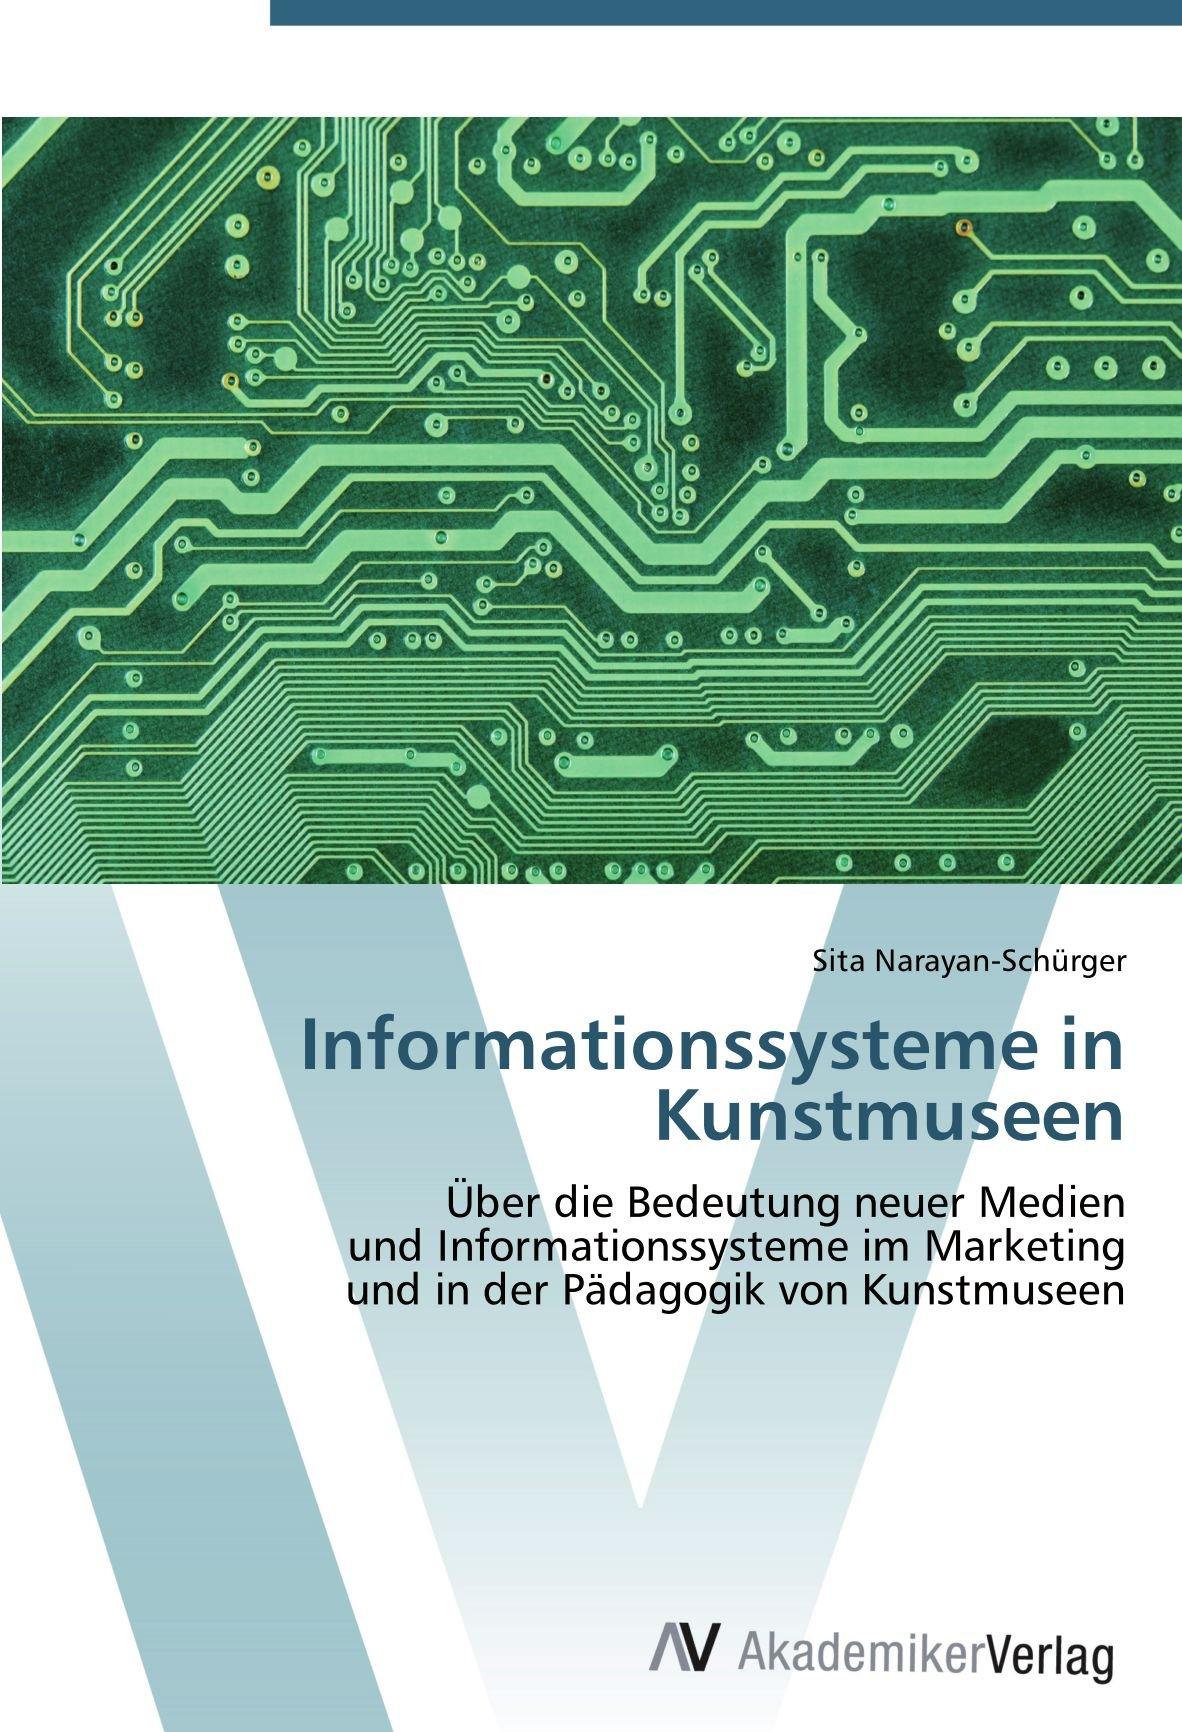 Informationssysteme in Kunstmuseen: Über die Bedeutung neuer Medien und Informationssysteme im Marketing und in der Pädagogik von Kunstmuseen